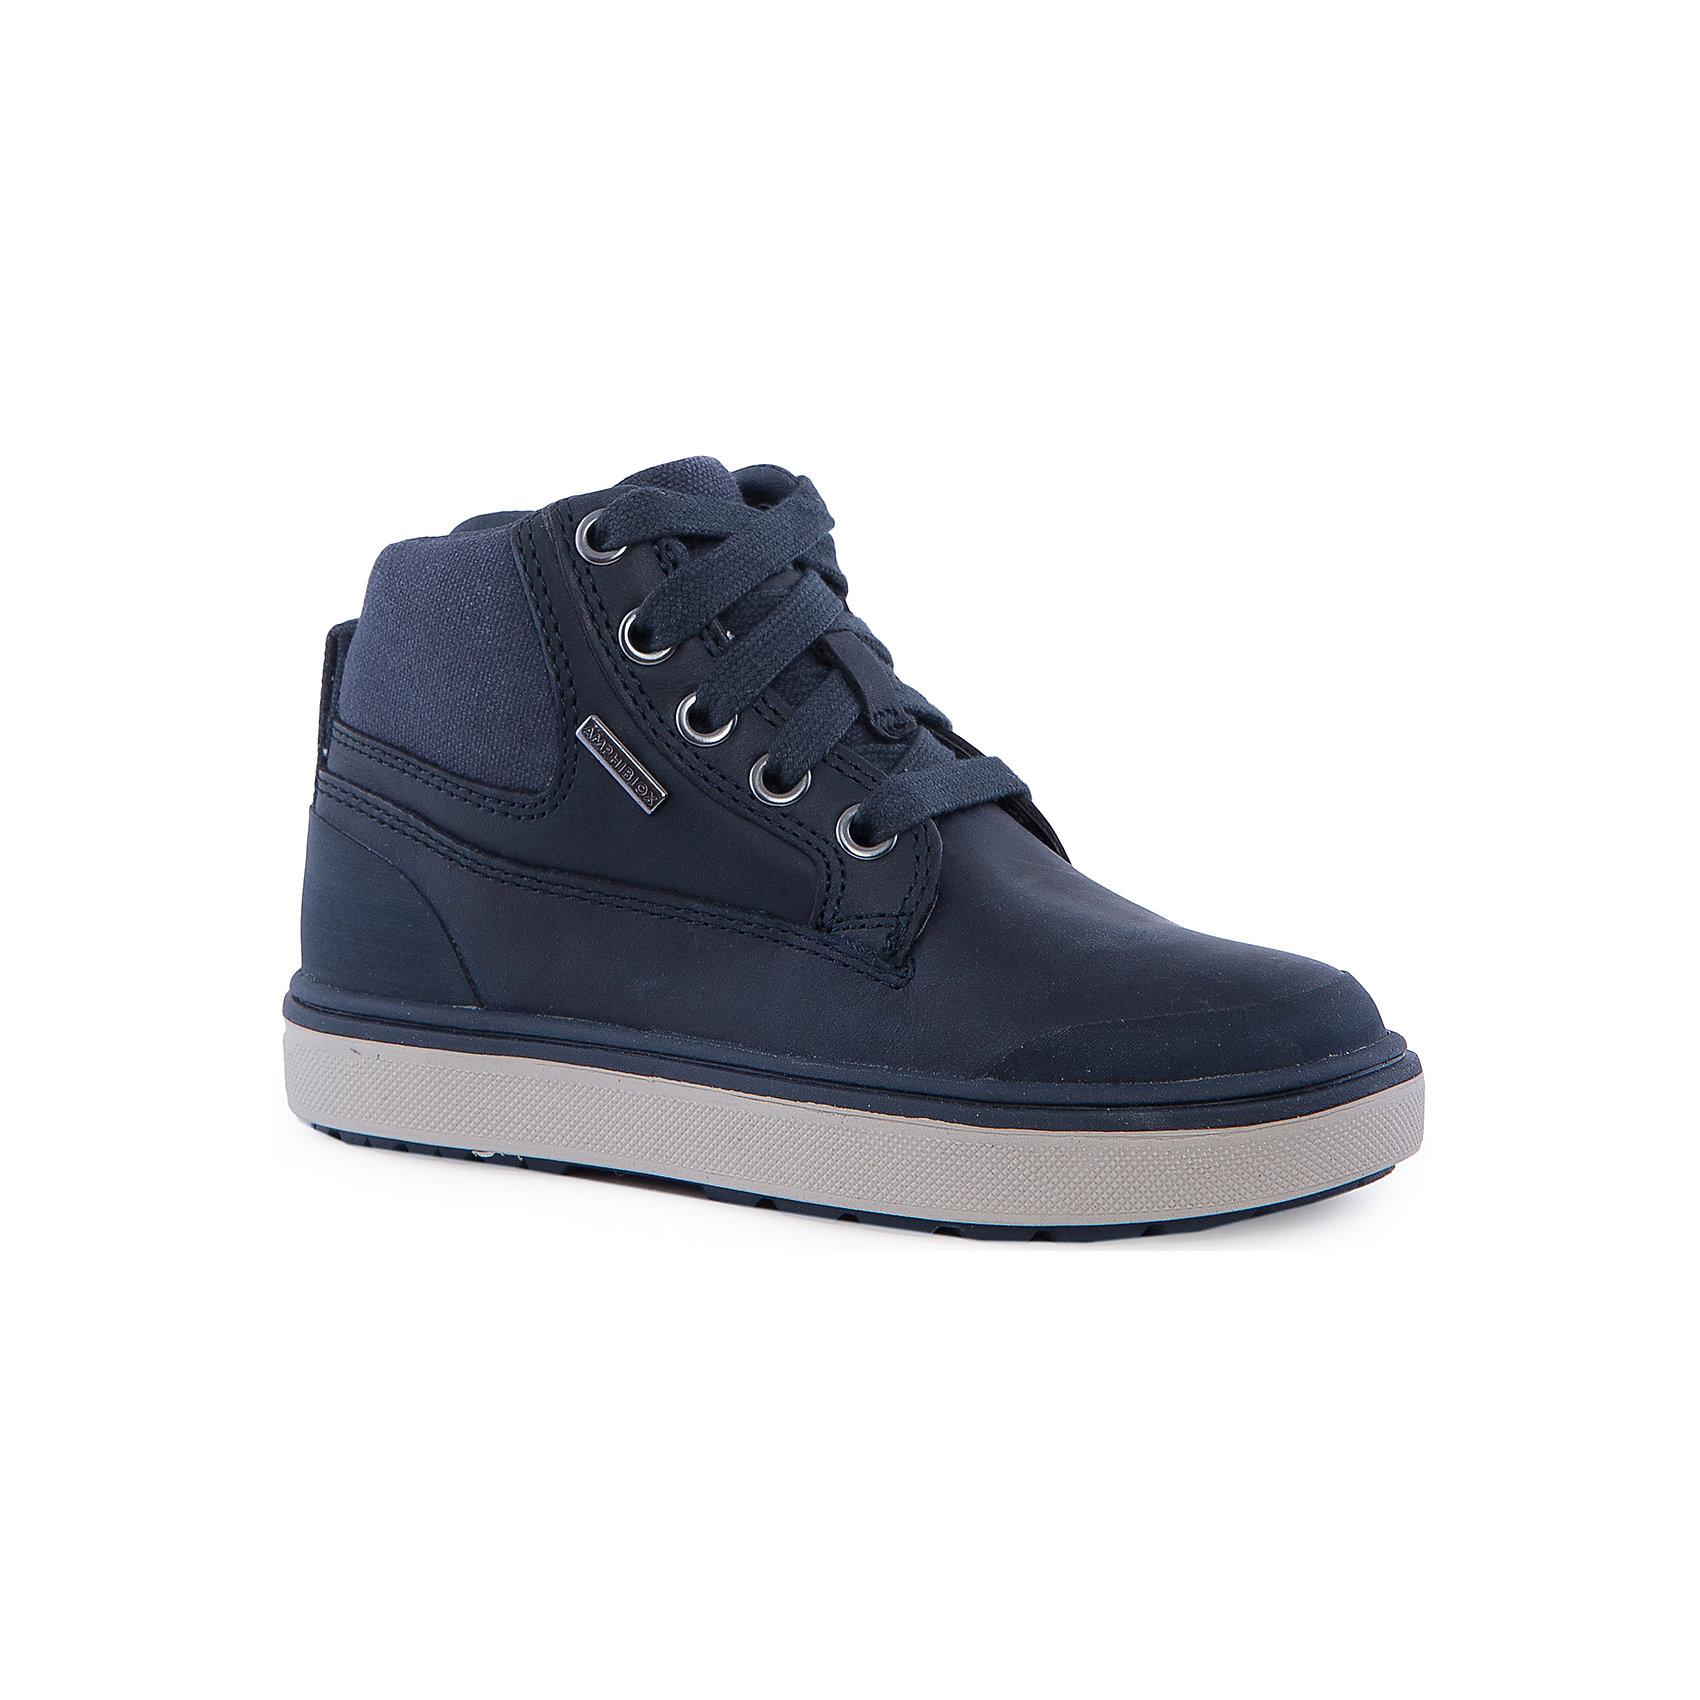 Ботинки для мальчика GEOXБотинки для мальчика GEOX (ГЕОКС)<br>Ботинки для мальчика от GEOX (ГЕОКС) выполнены из натуральной кожи. Модель имеет теплую подкладку и войлочную стельку с изоляционным алюминиевым слоем, что улучшается тепловое сопротивление в холодных условиях, повышая температуру внутри обуви. Влага не застаивается в обуви, благодаря чему создается идеальный микроклимат, который держит ноги теплыми и сухими, и позволяет им дышать естественно. Тип застежки шнуровка, также модель застёгивается на удобную боковую молнию, которая фиксируется небольшой липучкой. Колодка соответствует анатомическим особенностям строения детской стопы. Качественная амортизация снижает нагрузку на суставы. Легкая подошва из ЭВА с микропористой мембраной обеспечивает естественное дыхание обуви, не пропускает воду.<br><br>Дополнительная информация:<br><br>- Сезон: демисезон<br>- Цвет: синий<br>- Состав: натуральная кожа 60%, синтетический материал 40%<br>- Материал верха: натуральная кожа<br>- Внутренний материал: текстиль<br>- Материал стельки: текстиль<br>- Материал подошвы: резина<br>- Тип подошвы: рифленая<br>- Вид застежки: шнуровка, молния<br>- Высота задника: 7 см.<br>- Материалы и продукция прошли специальную проверку T?V S?D, на отсутствие веществ, опасных для здоровья покупателей<br><br>Ботинки для мальчика GEOX (ГЕОКС) можно купить в нашем интернет-магазине.<br><br>Ширина мм: 257<br>Глубина мм: 180<br>Высота мм: 130<br>Вес г: 420<br>Цвет: синий<br>Возраст от месяцев: 96<br>Возраст до месяцев: 108<br>Пол: Мужской<br>Возраст: Детский<br>Размер: 32,29,28,36,35,38,31,33,37,34,30<br>SKU: 4865094